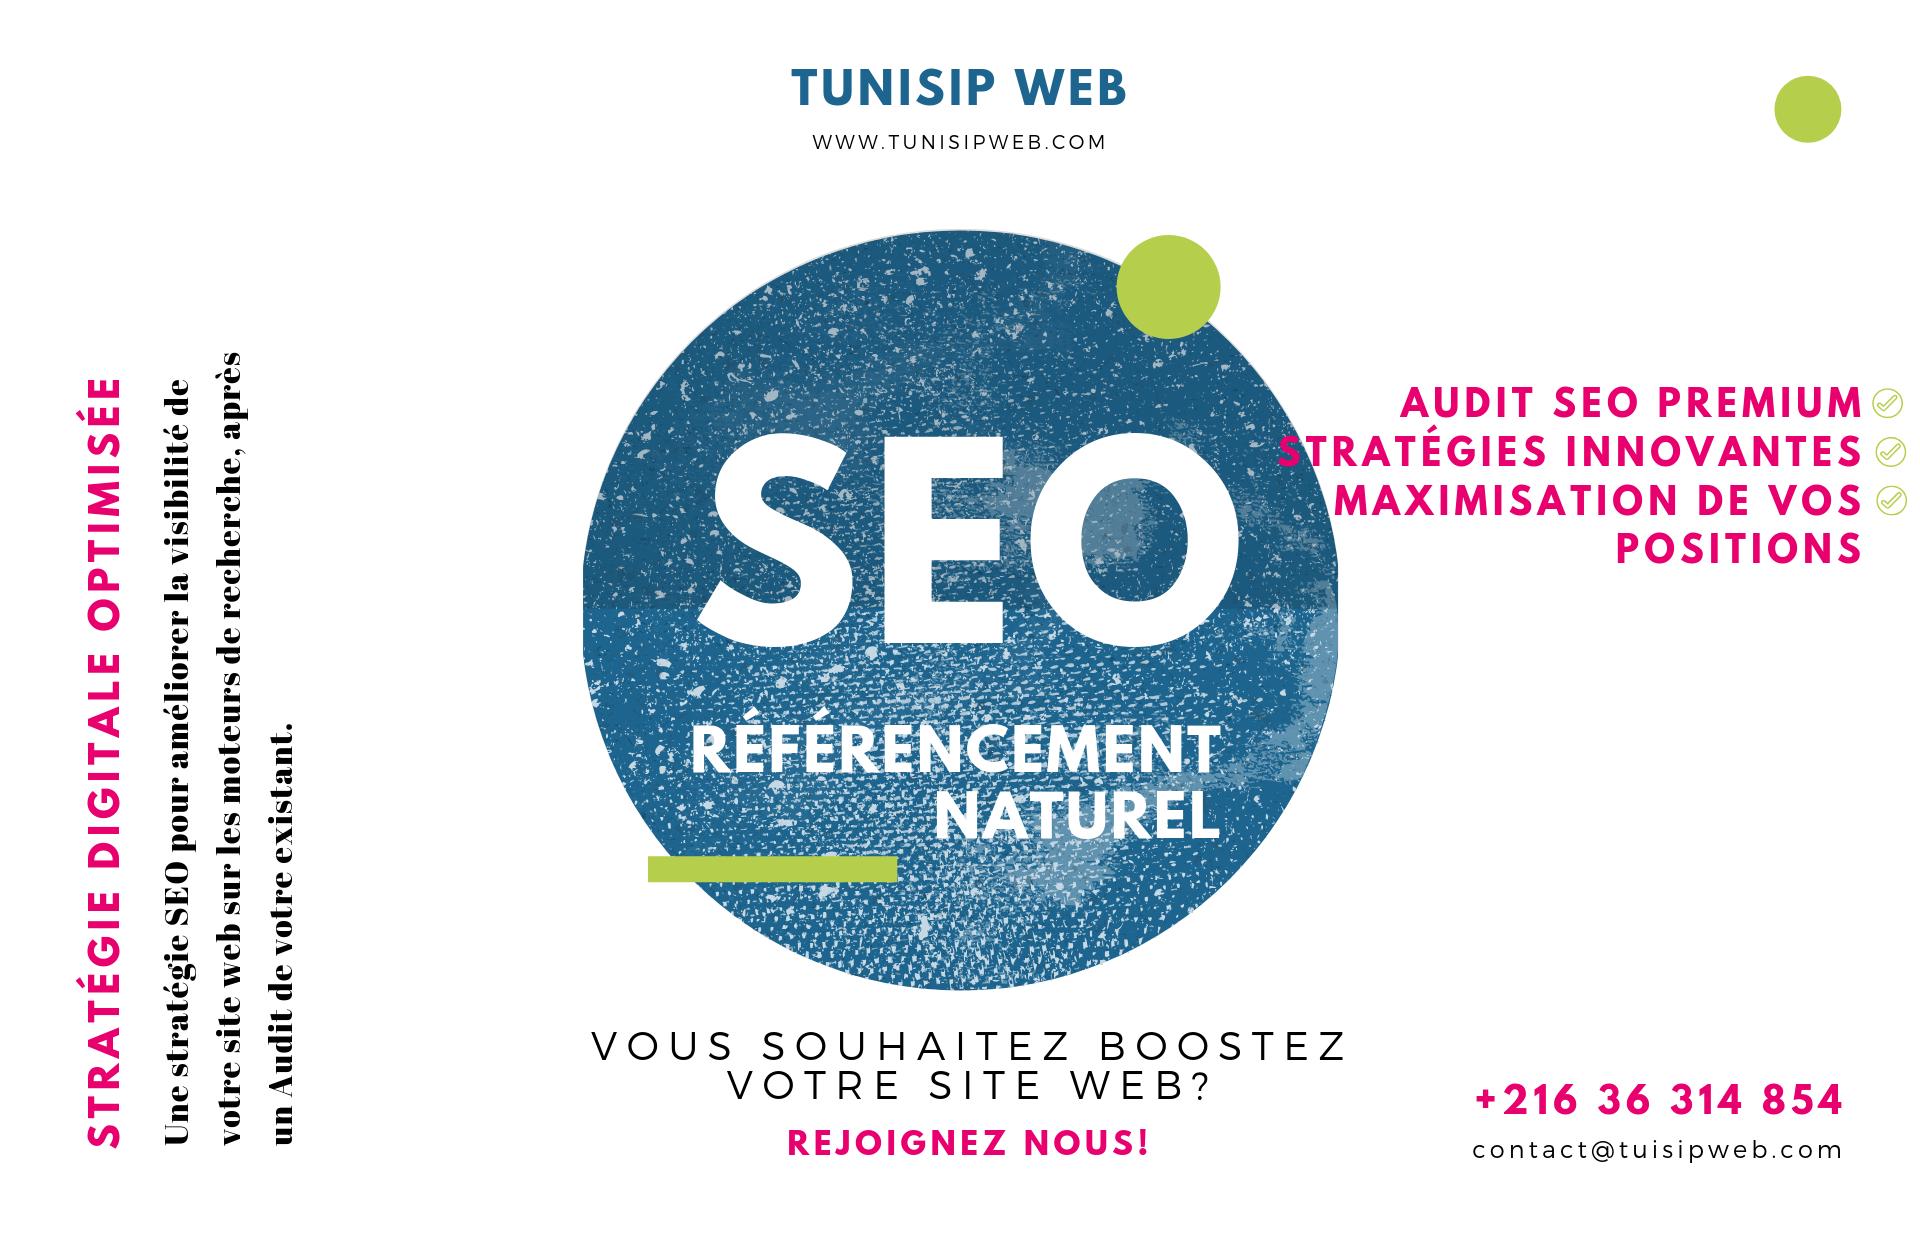 Le Consultant Seo La Cle Pour Gagner En Visibilite Web Marketing De L Entreprise Marketing Numerique Metiers Du Web